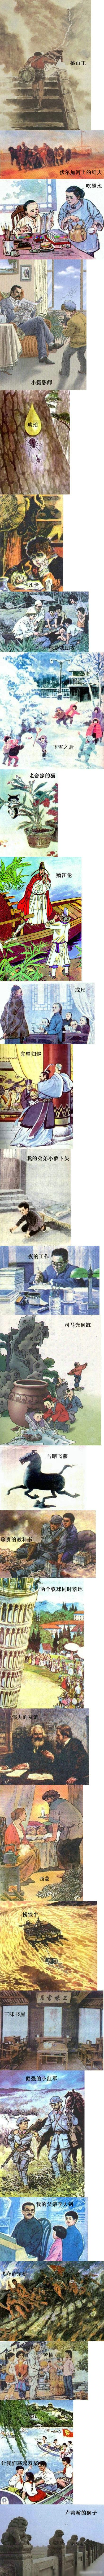 这些小学语文课本插图,你是否还记得,绝对值得收藏。